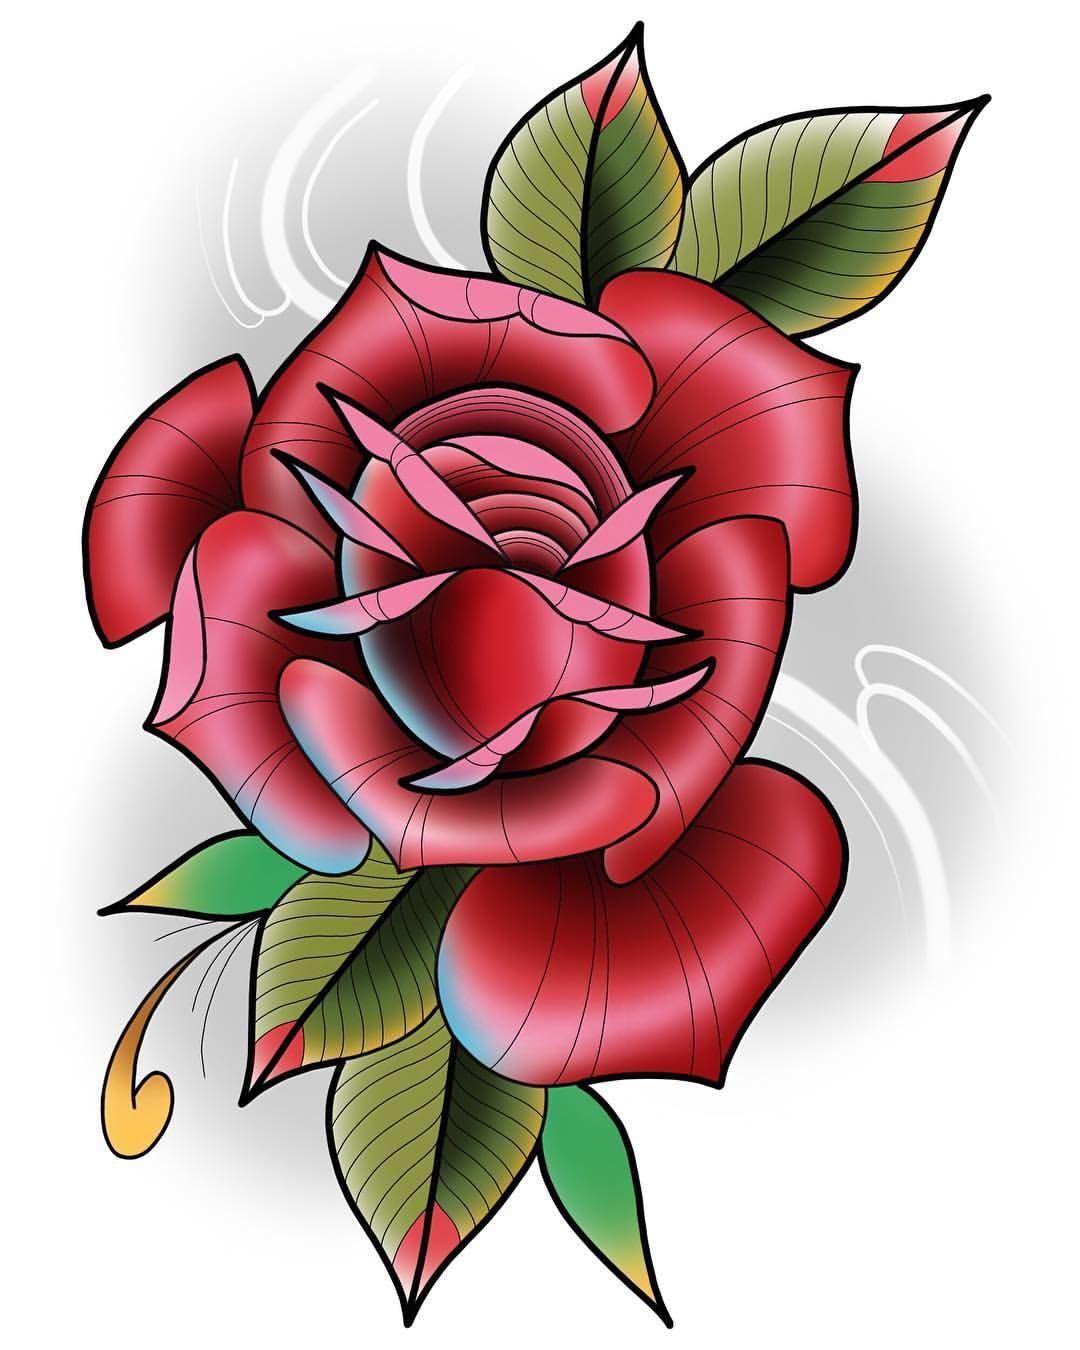 Neotraditional rose by Darin Blank. Instagram: @darinblanktattoos ...